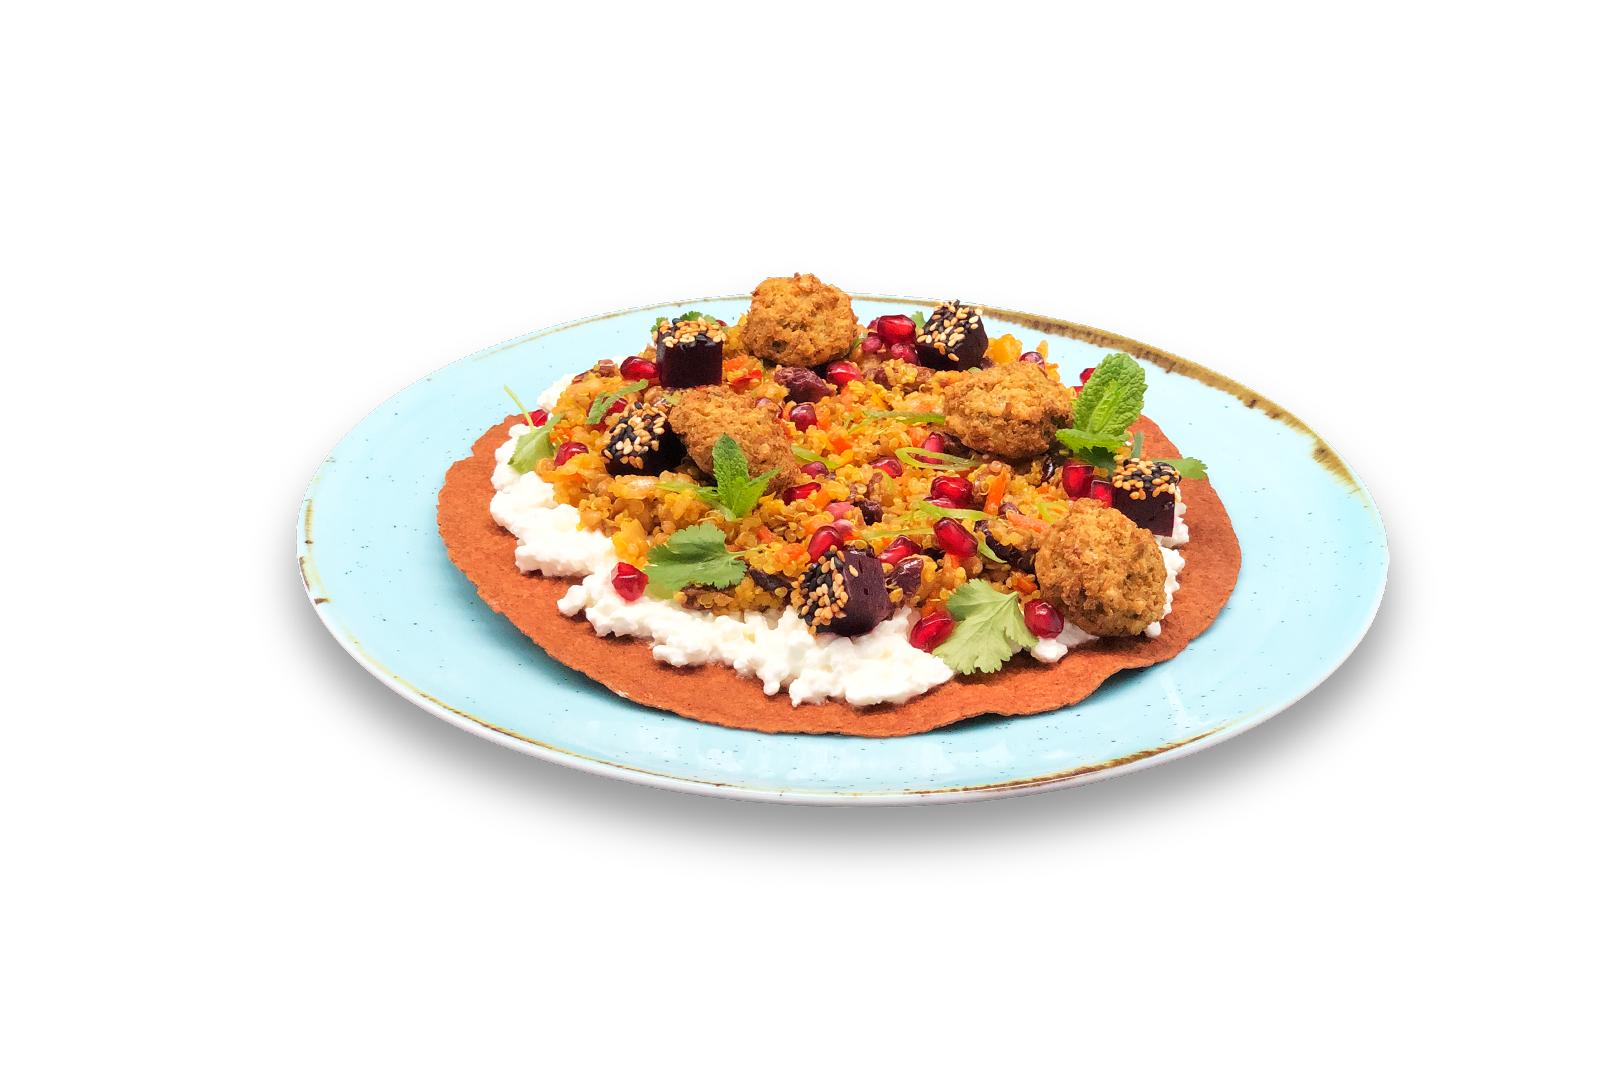 Krokante bieten wrap geserveerd met Hüttenkäse, Quinoa salade en krokante falafel